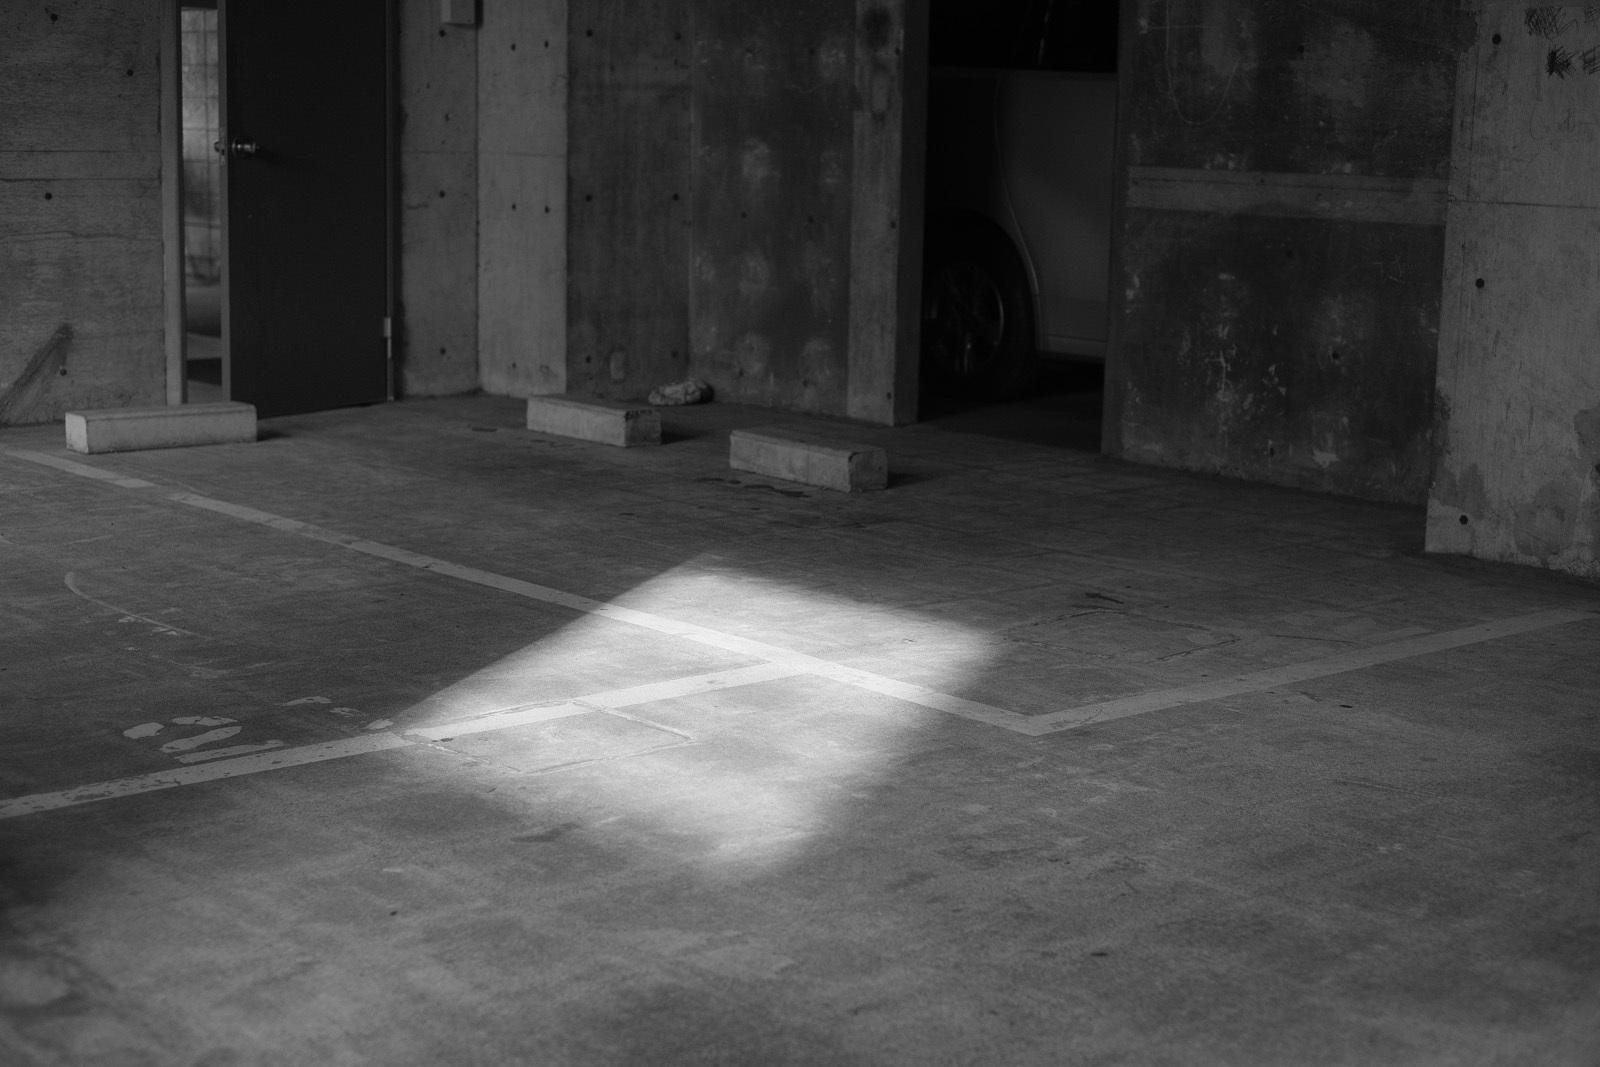 光を読む力の確認 レタッチの素材 美しい柔らかい光 品のあるハイライト_e0367501_00493714.jpg